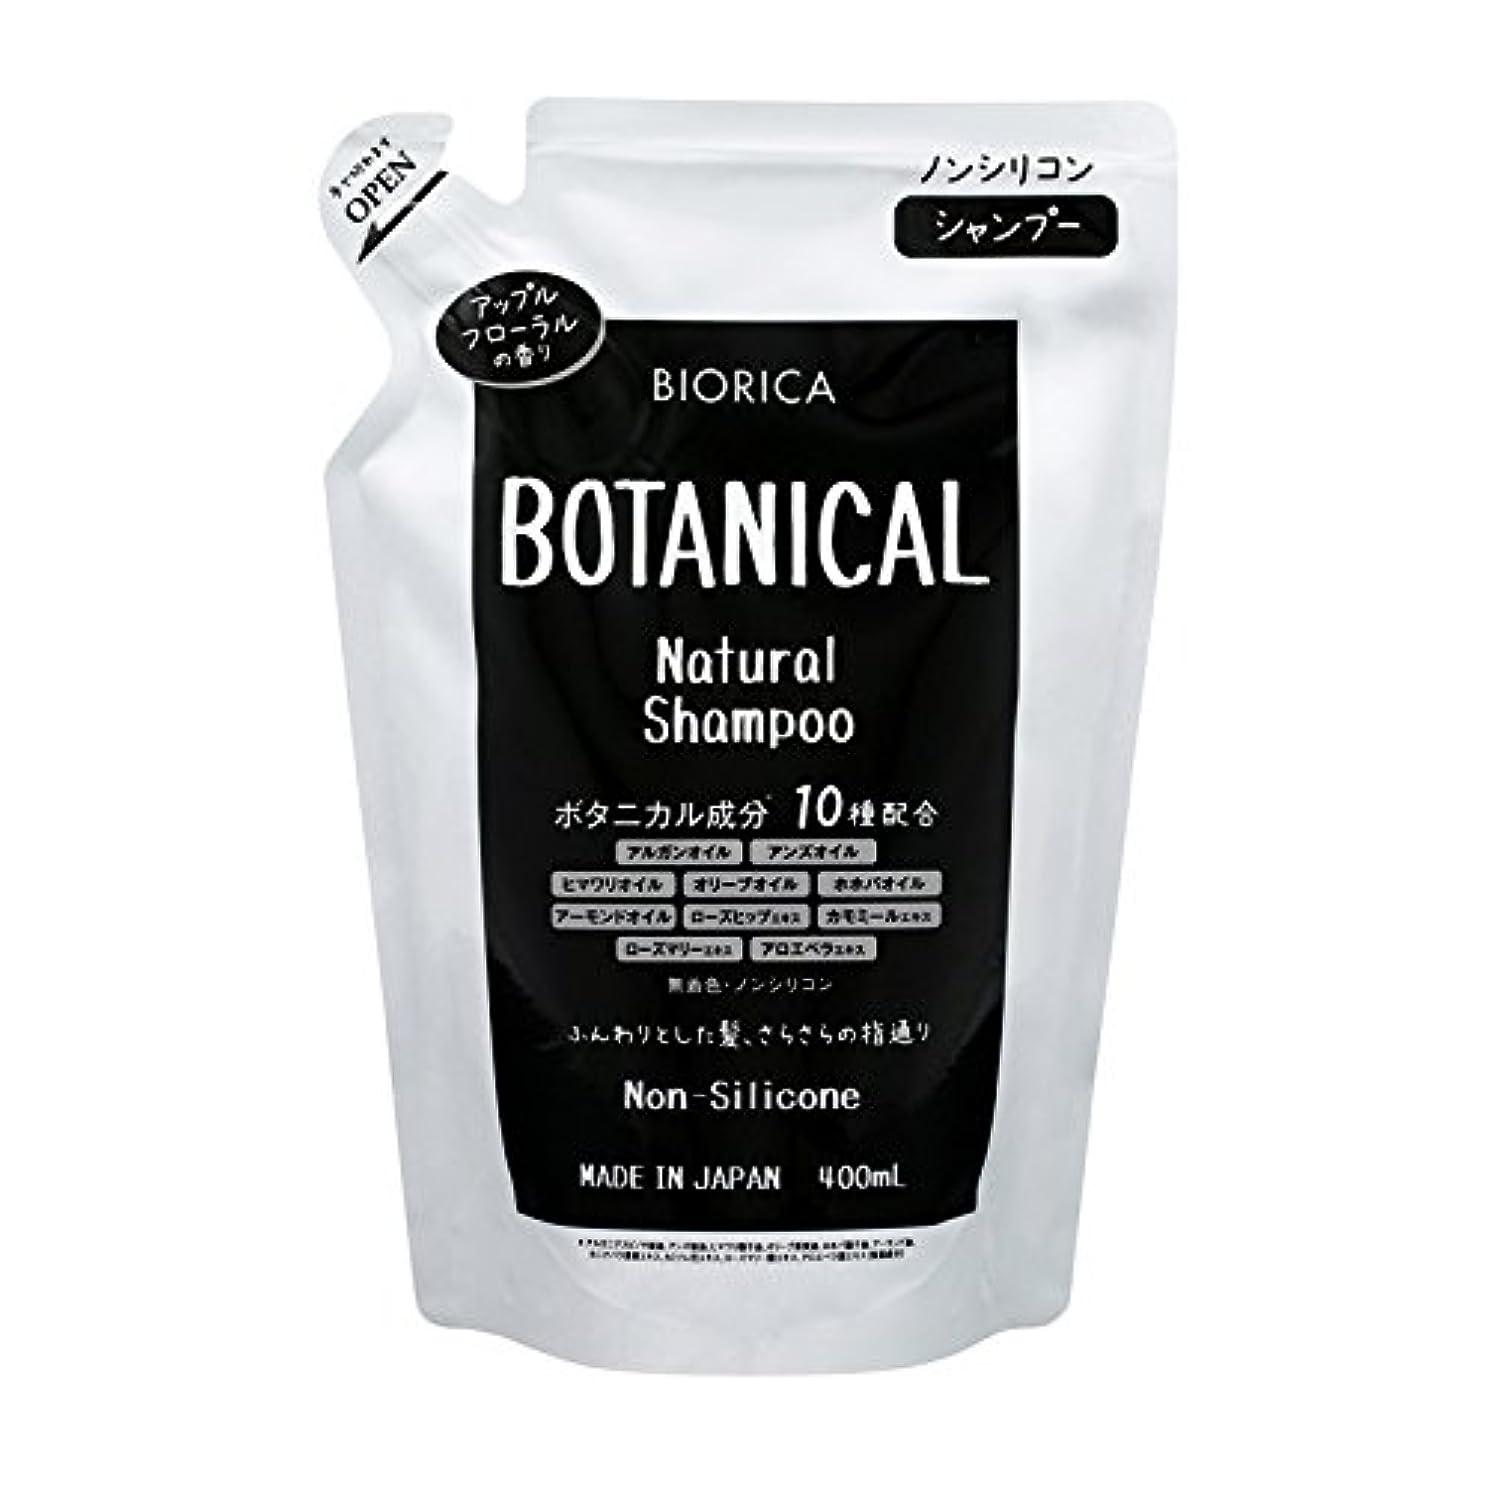 栄光の合法膜BIORICA ビオリカ ボタニカル ノンシリコン シャンプー 詰め替え アップルフローラルの香り 400ml 日本製